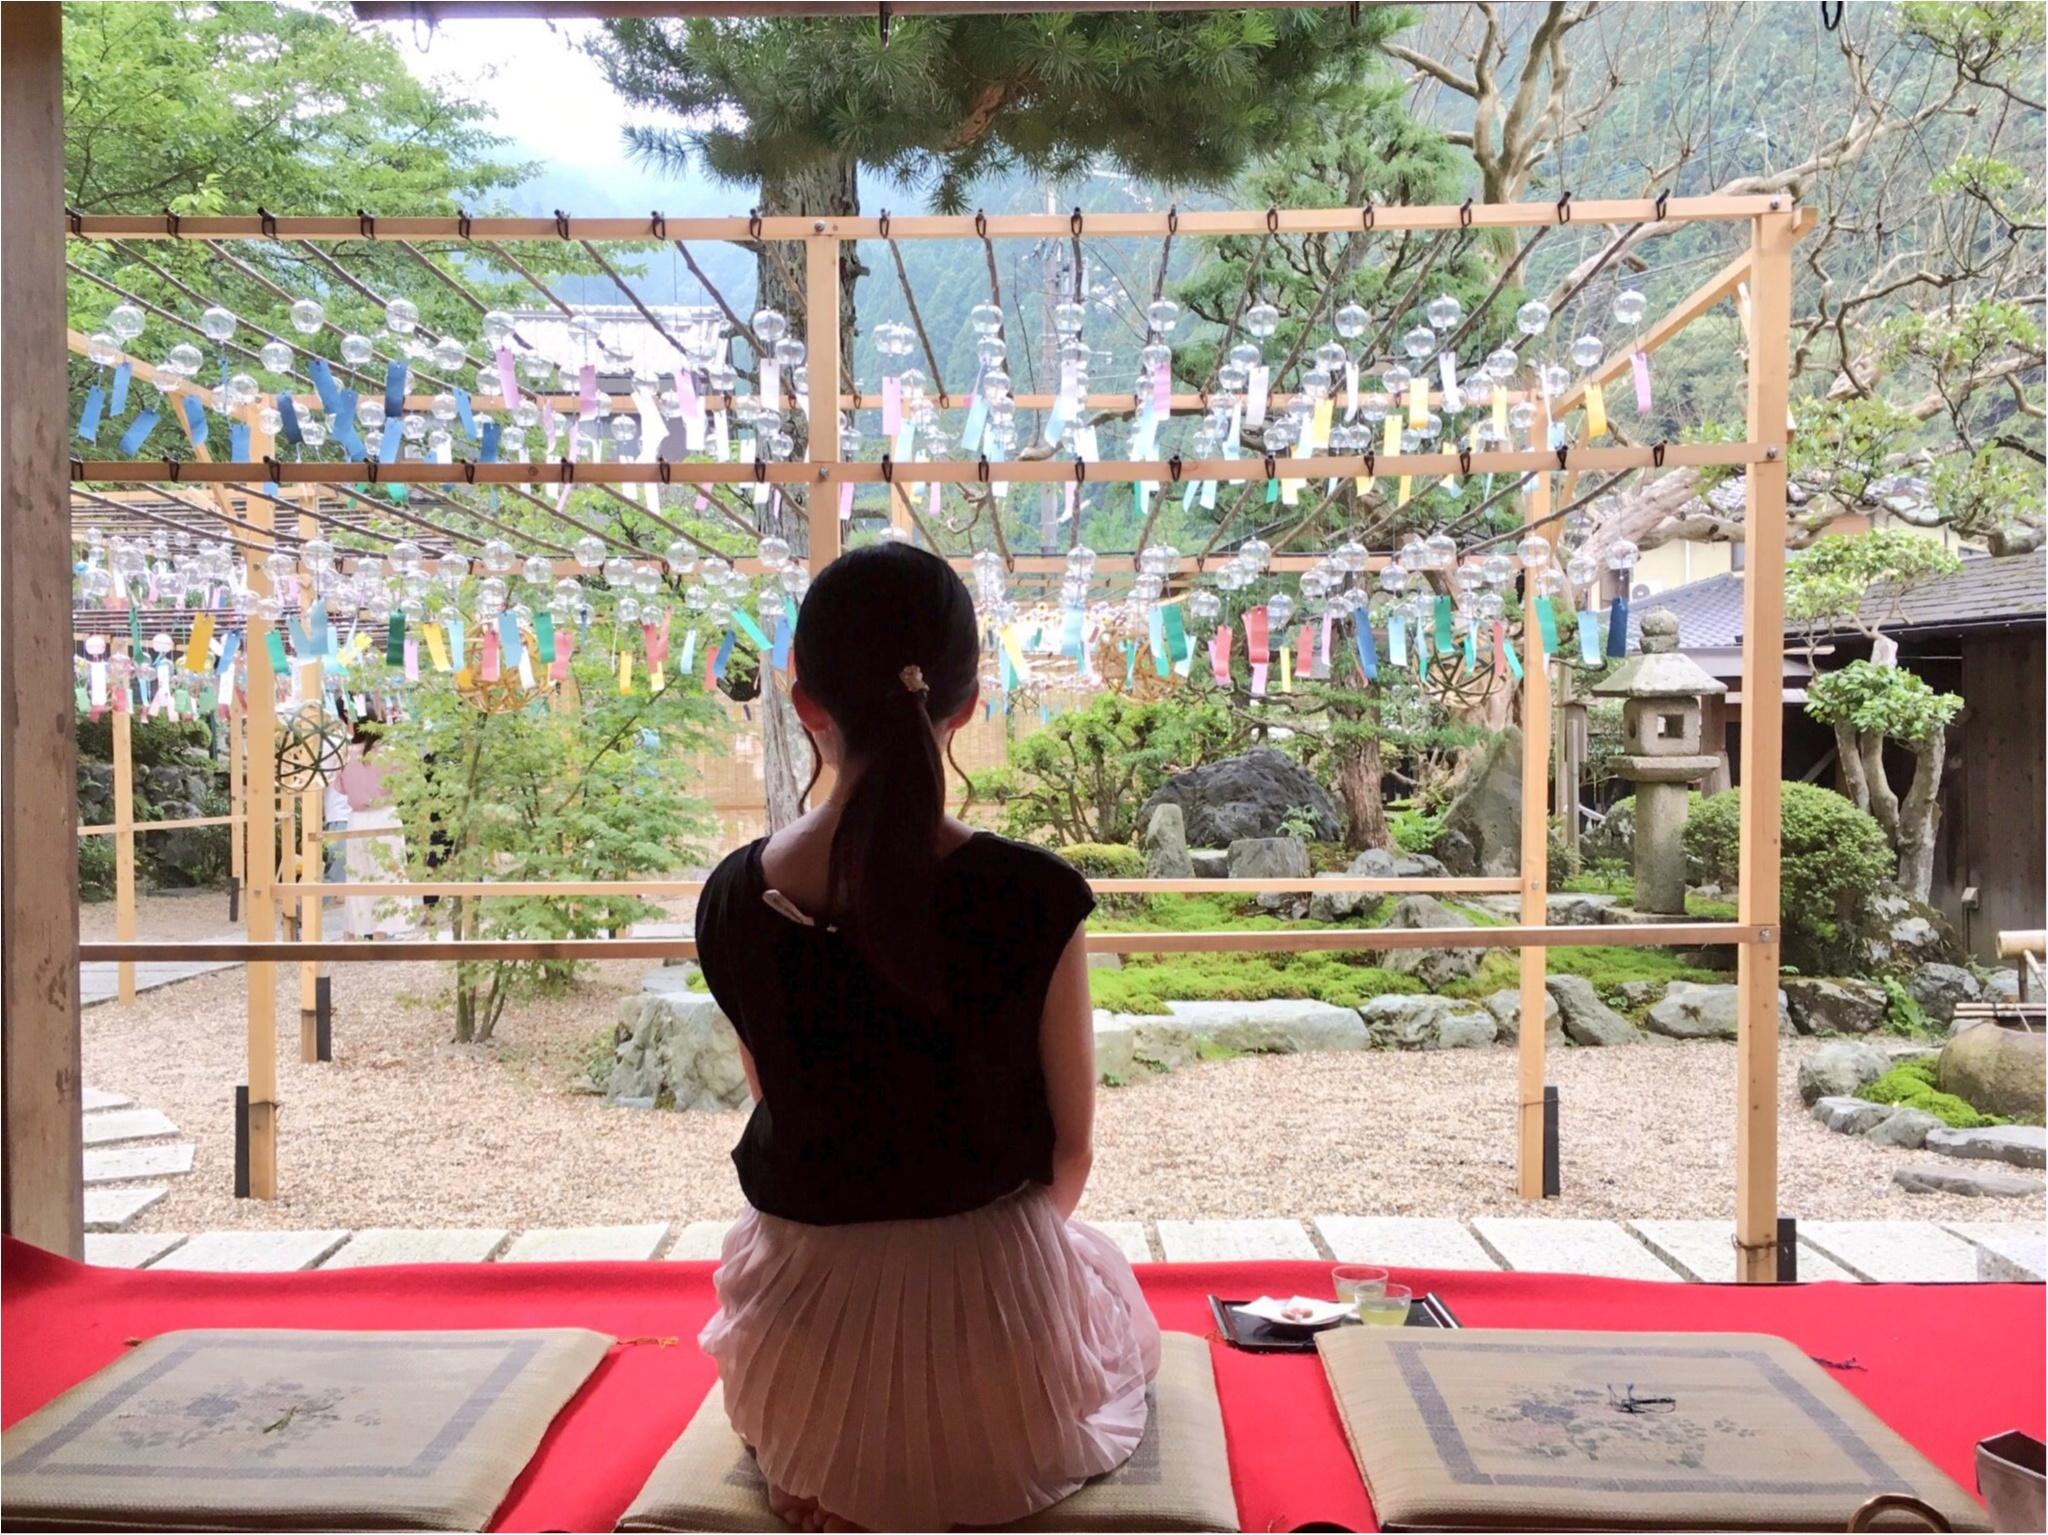 【フォトジェニックすぎる寺院】京都『正寿院』の魅力を紹介しちゃいます♡_14